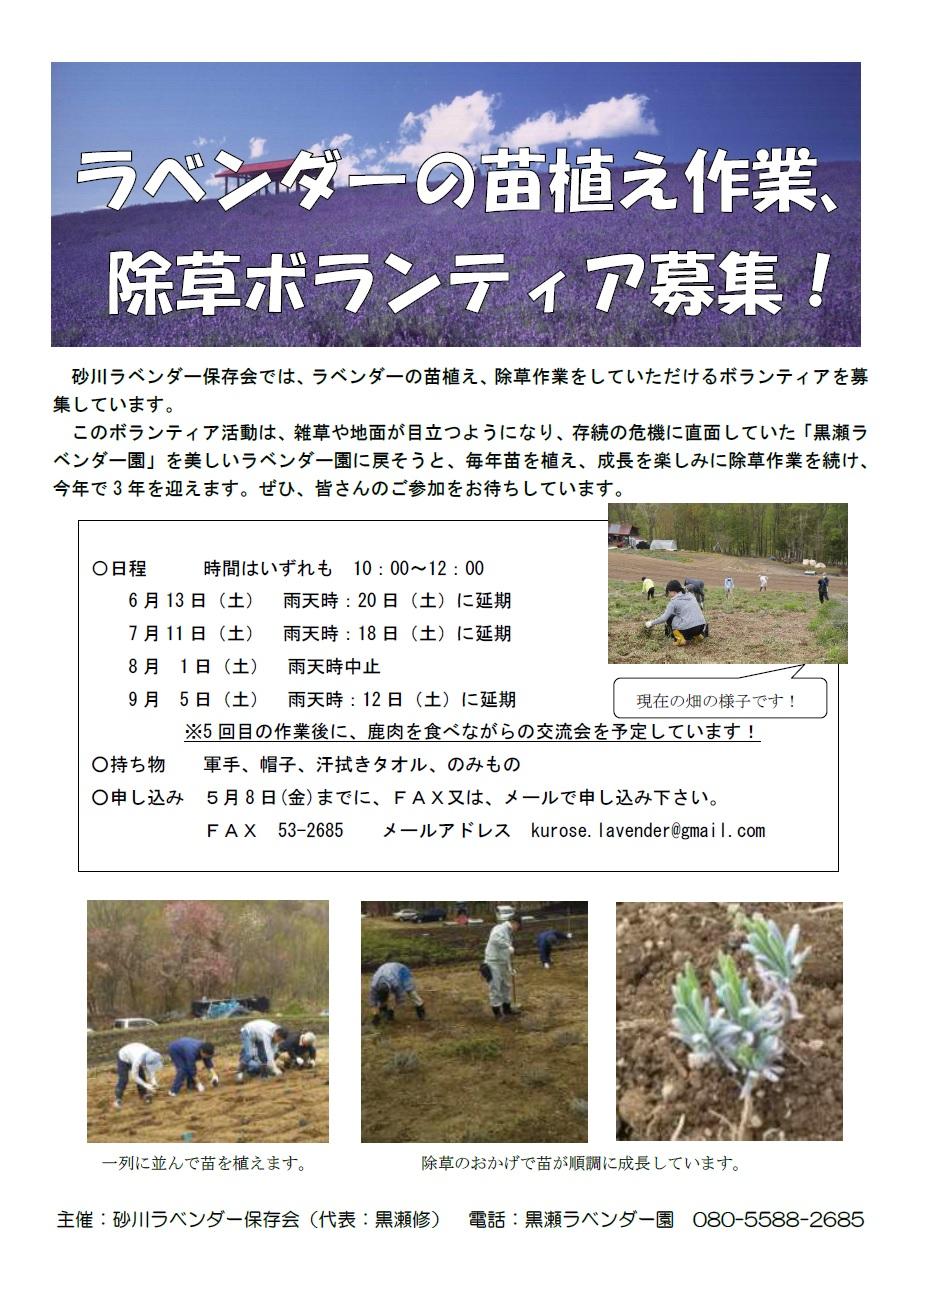 ラベンダーの植替え作業、除草ボランティア募集のポスター